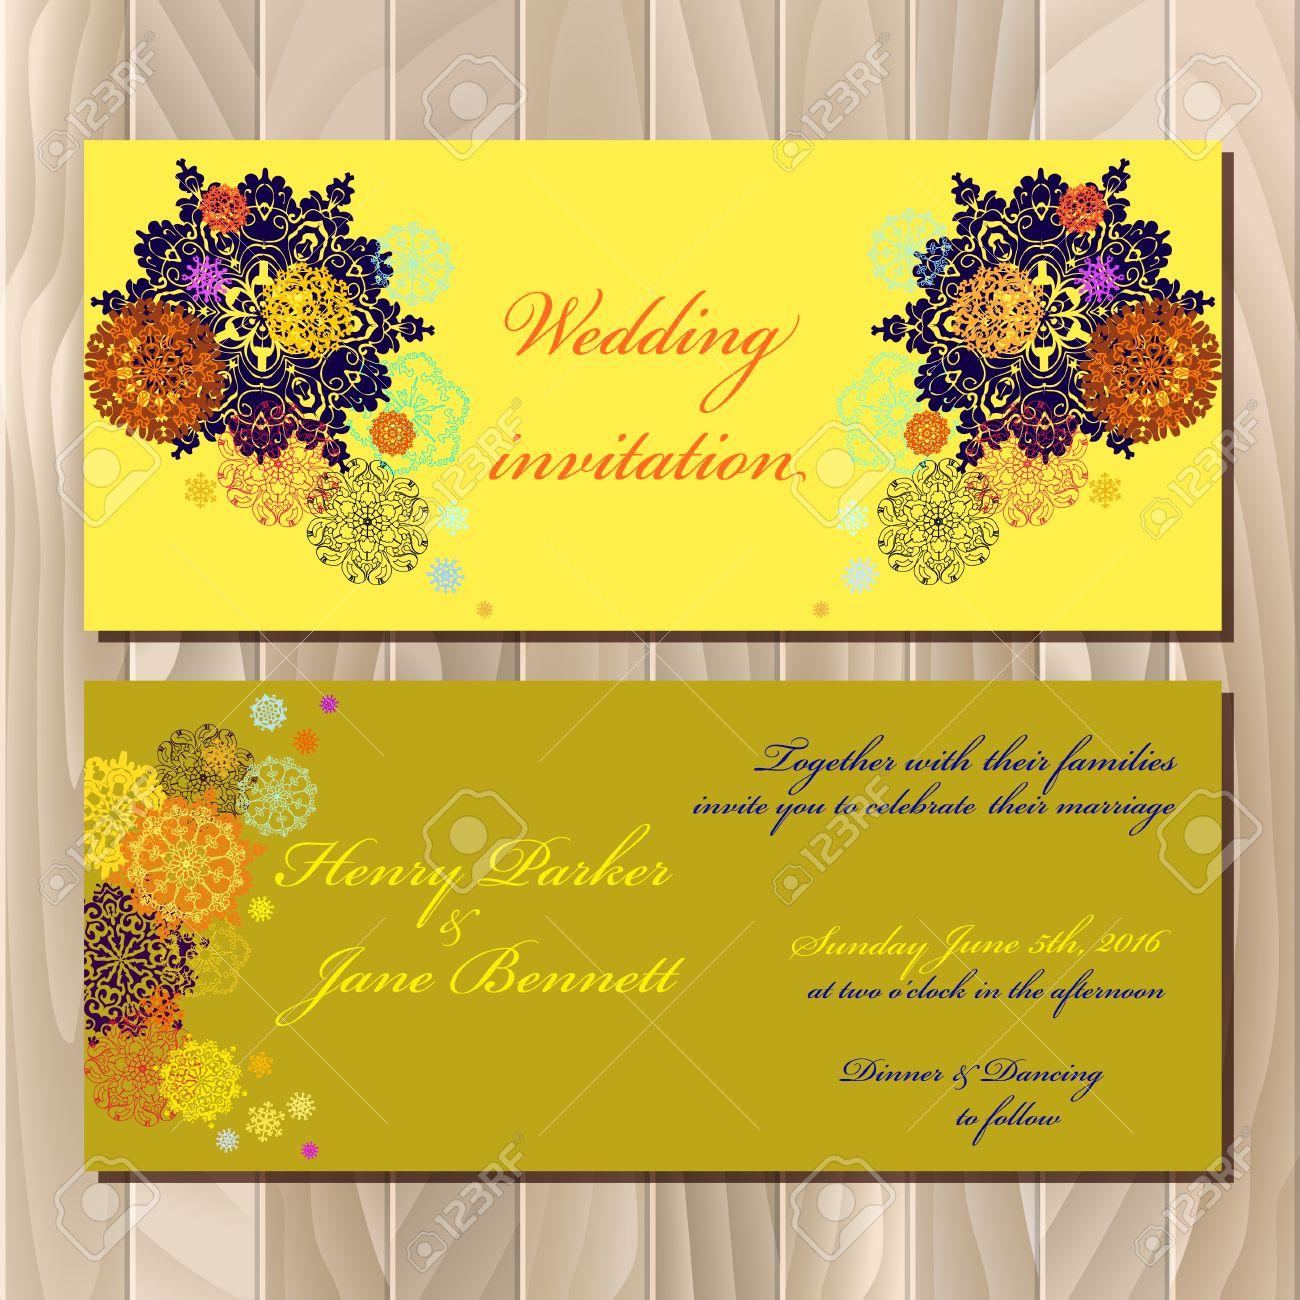 Snowflakes Wedding Invitation Card. Pistachio, Khaki, Gold, Orange ...